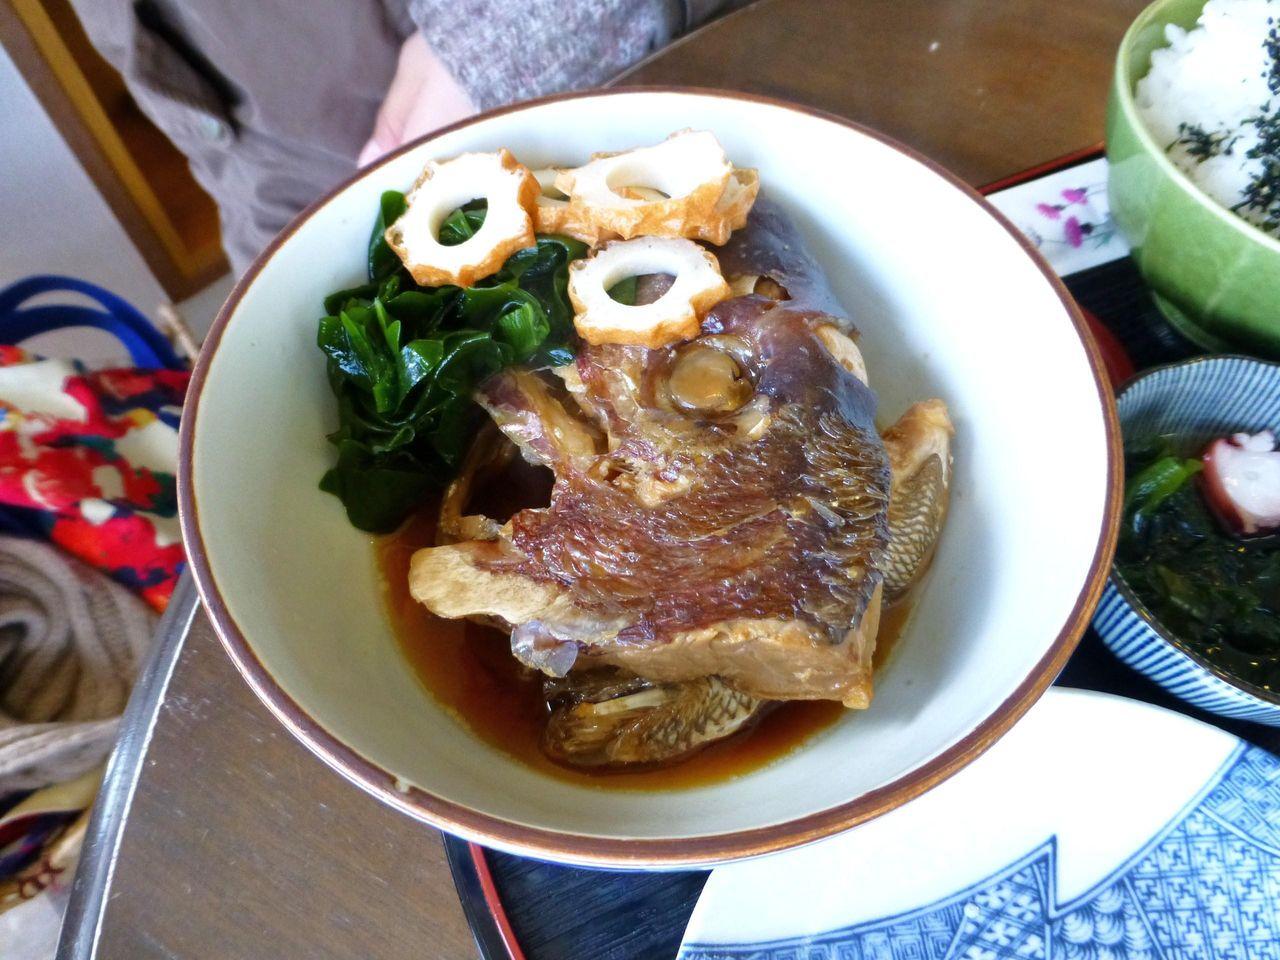 大きな鯛のアラを使用していて、とても美味しい!